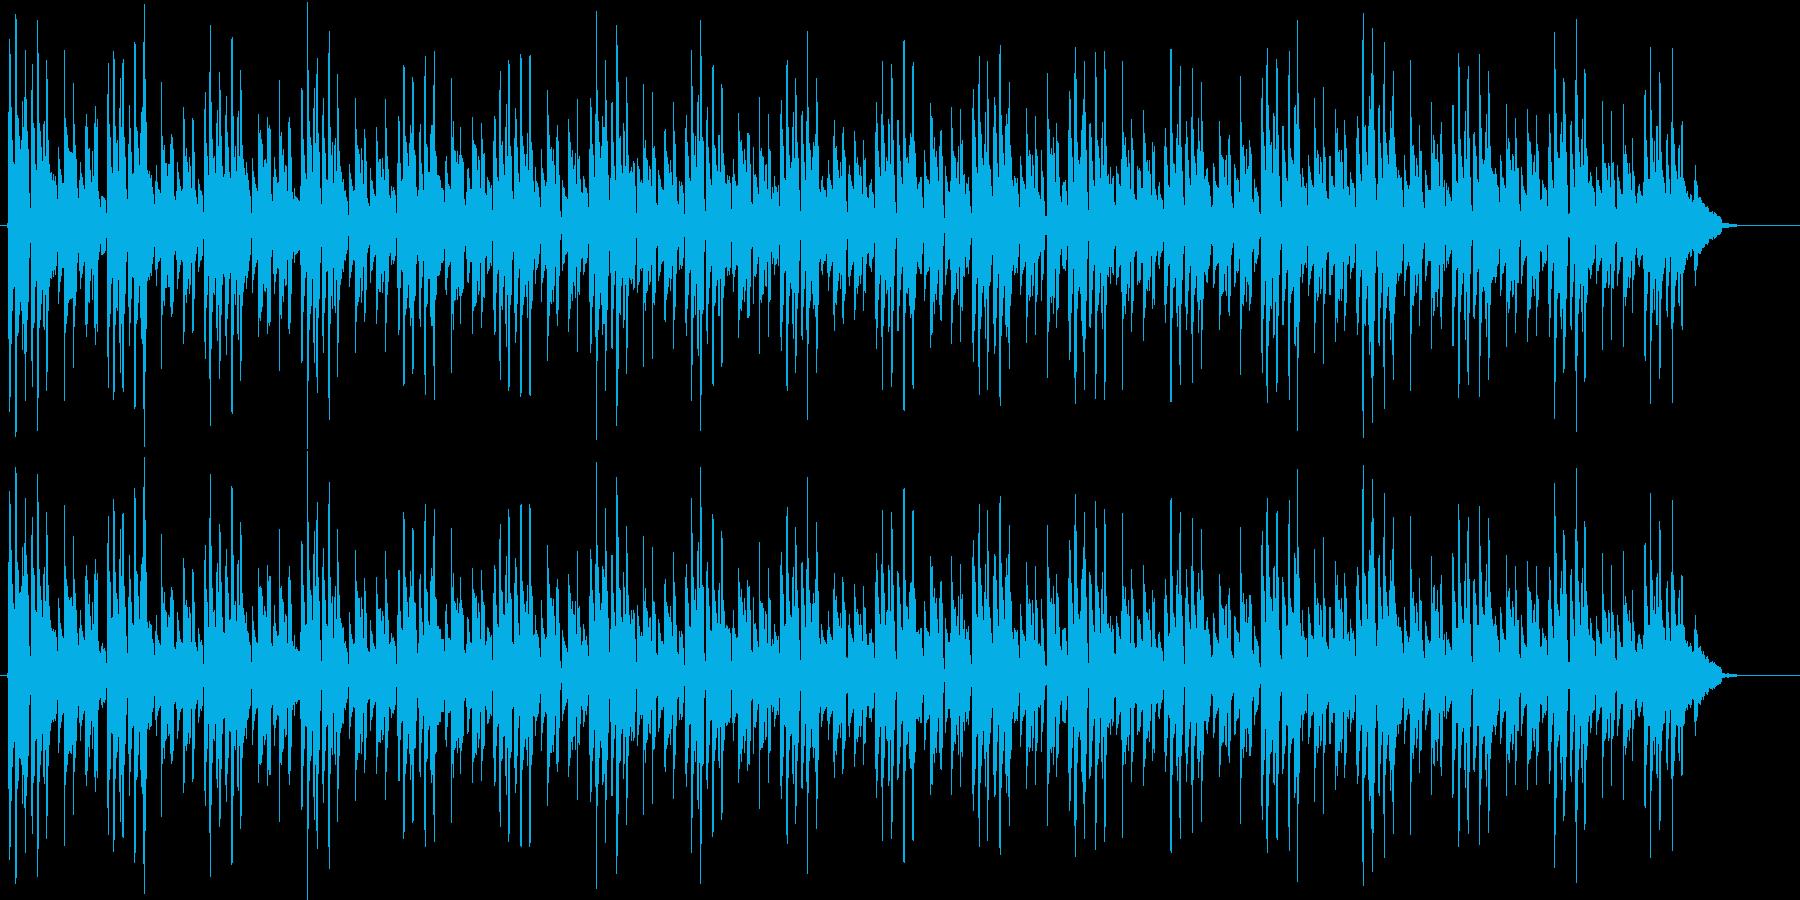 ミニマル シンプルなボサノバギター演奏の再生済みの波形